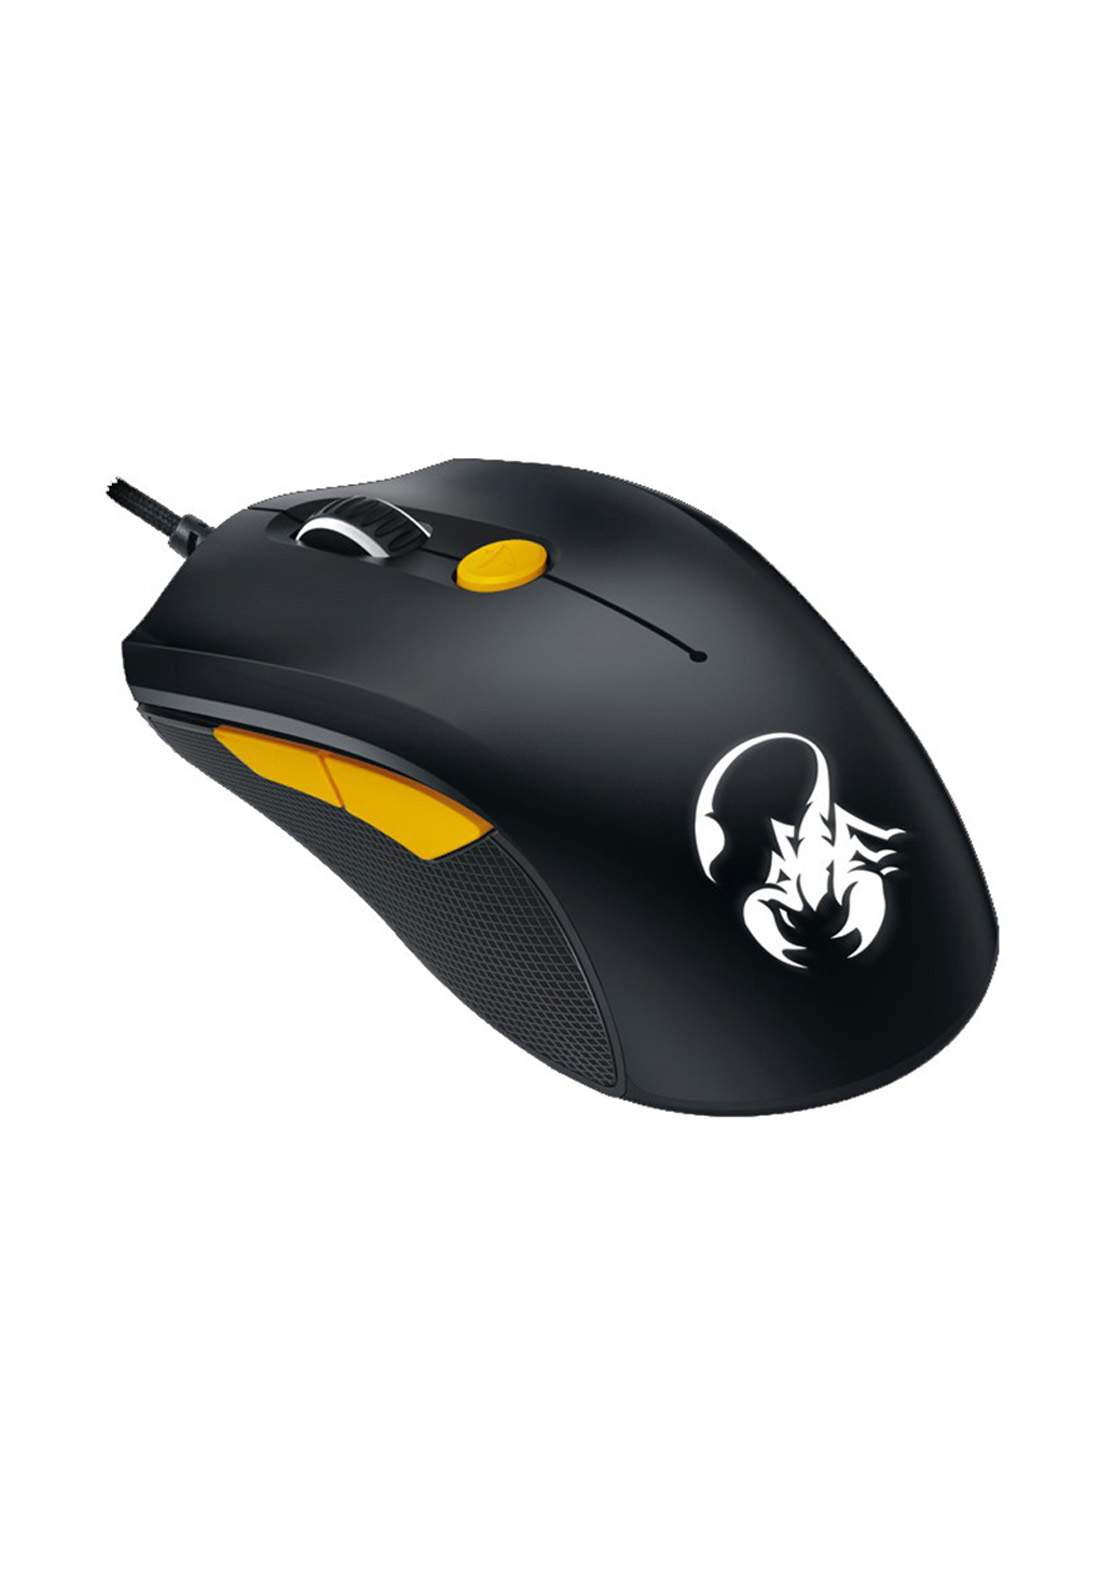 Genius M6-600 Scorpion Gaming Mouse - Black ماوس